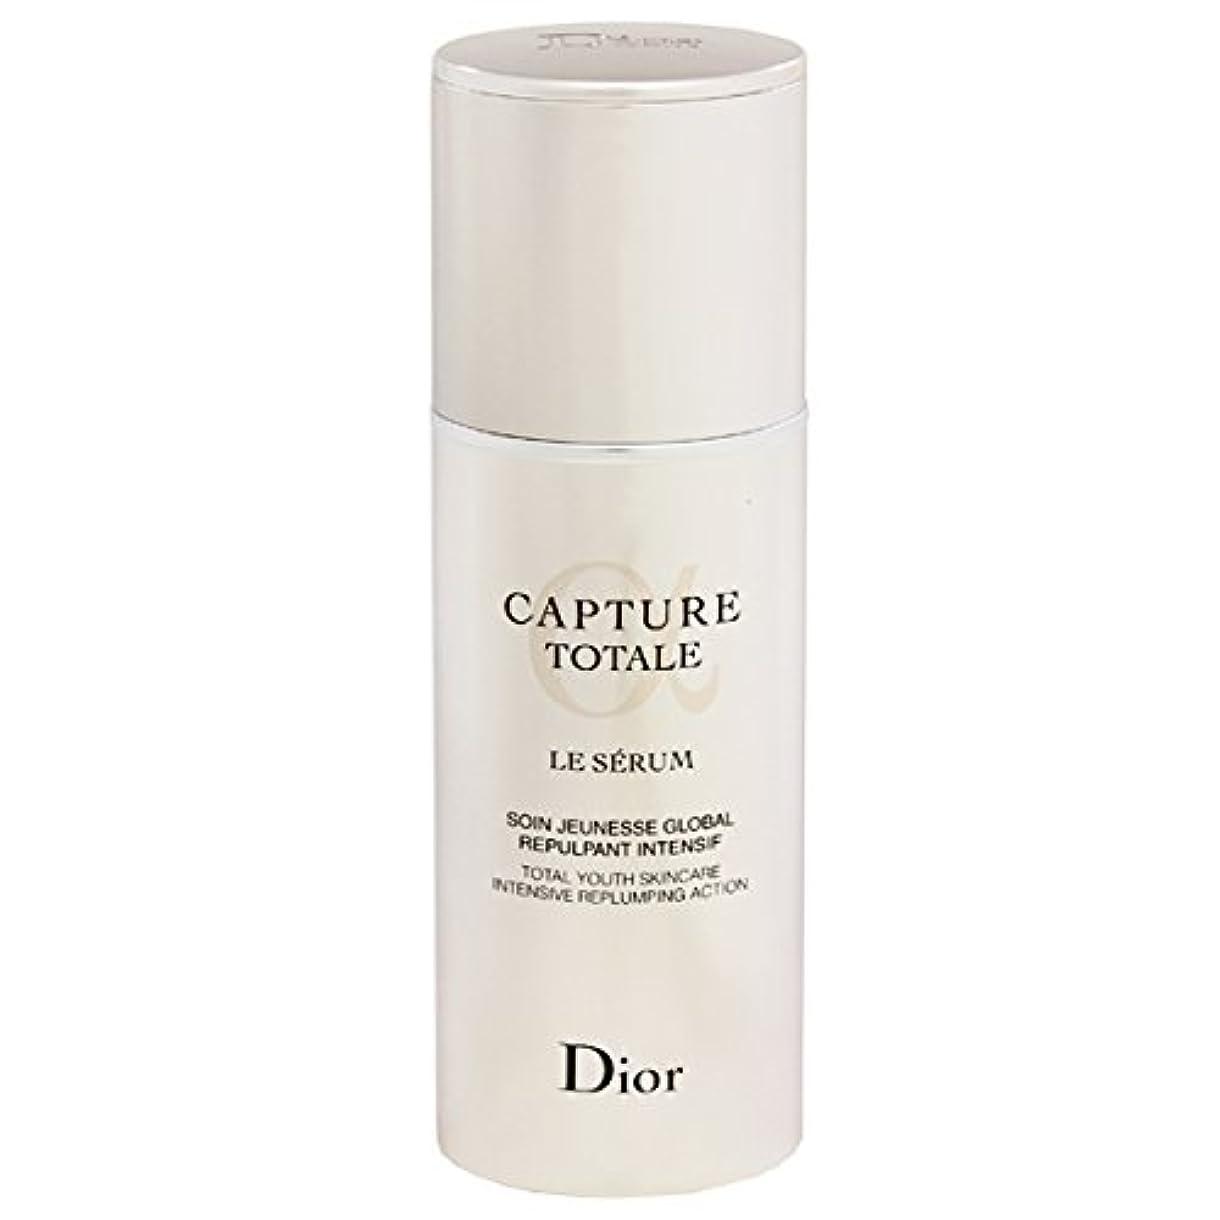 免疫するサンダル有毒Dior カプチュールトータルコンセントレートセラム 50ml [224963] [並行輸入品]